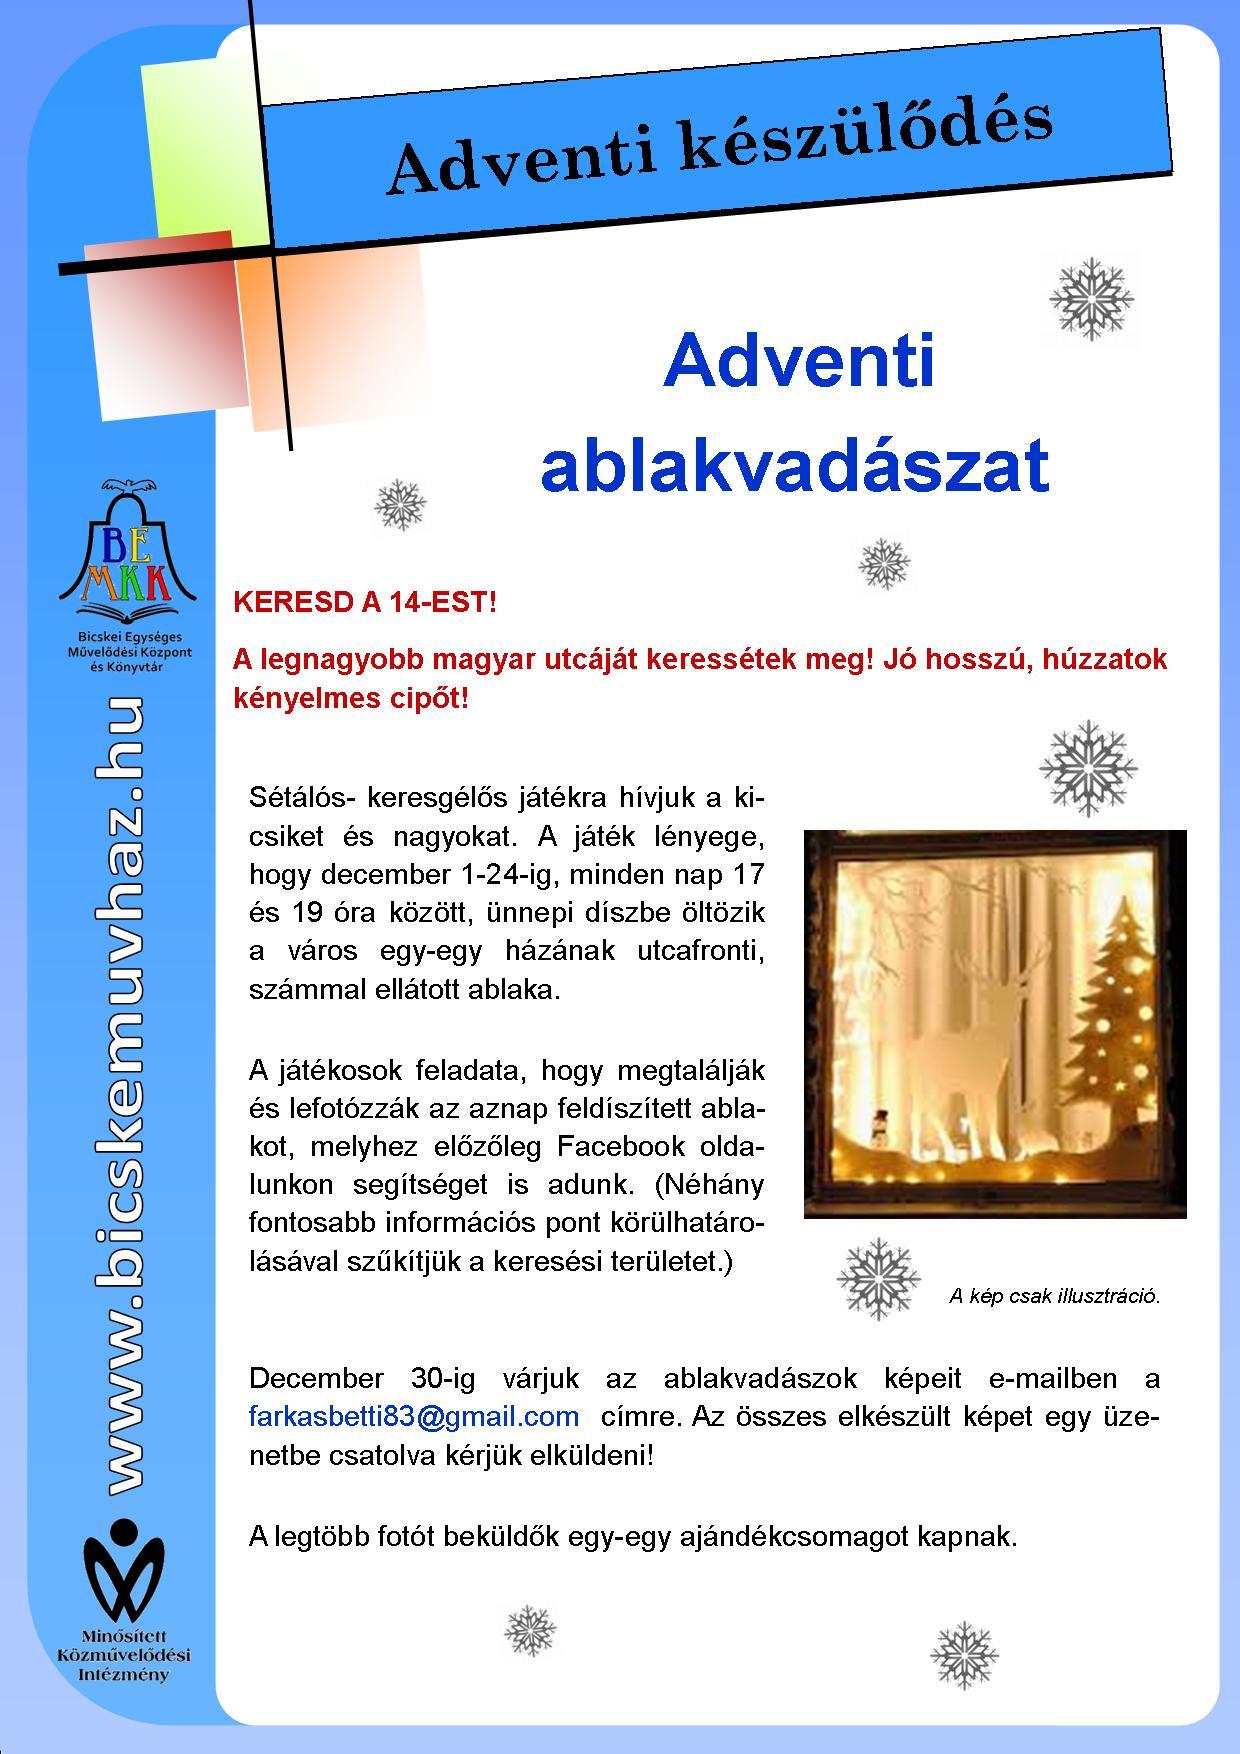 adventi_ablakvadaszat-keresd_a_14-est.jpg